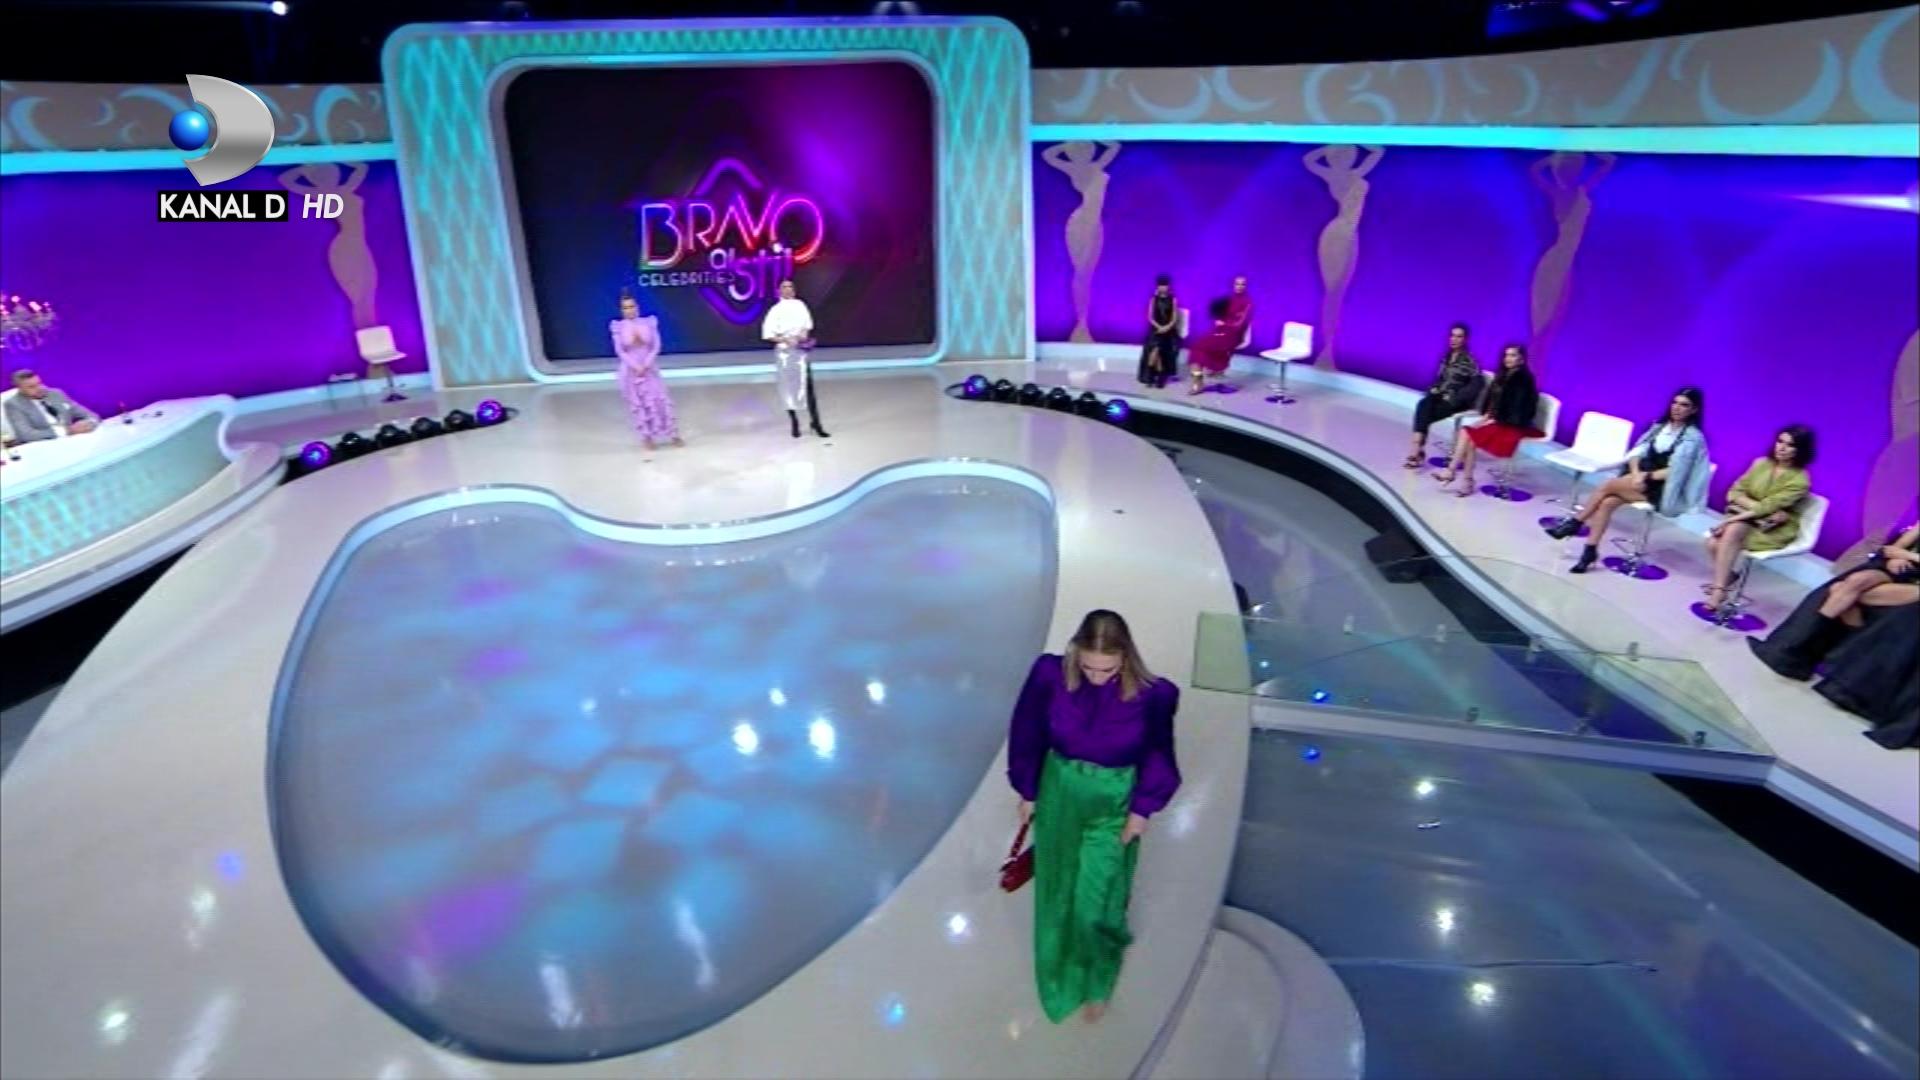 ''Eu NU voi mai veni!'' Decizie drastica a unei concurente! Ginei Chirila i se face rau in timpul emisiunii! Ce se intampla intr-un nou episod ''Bravo, ai stil Celebrities'', ASTAZI, de la 22:00, pe Kanal D